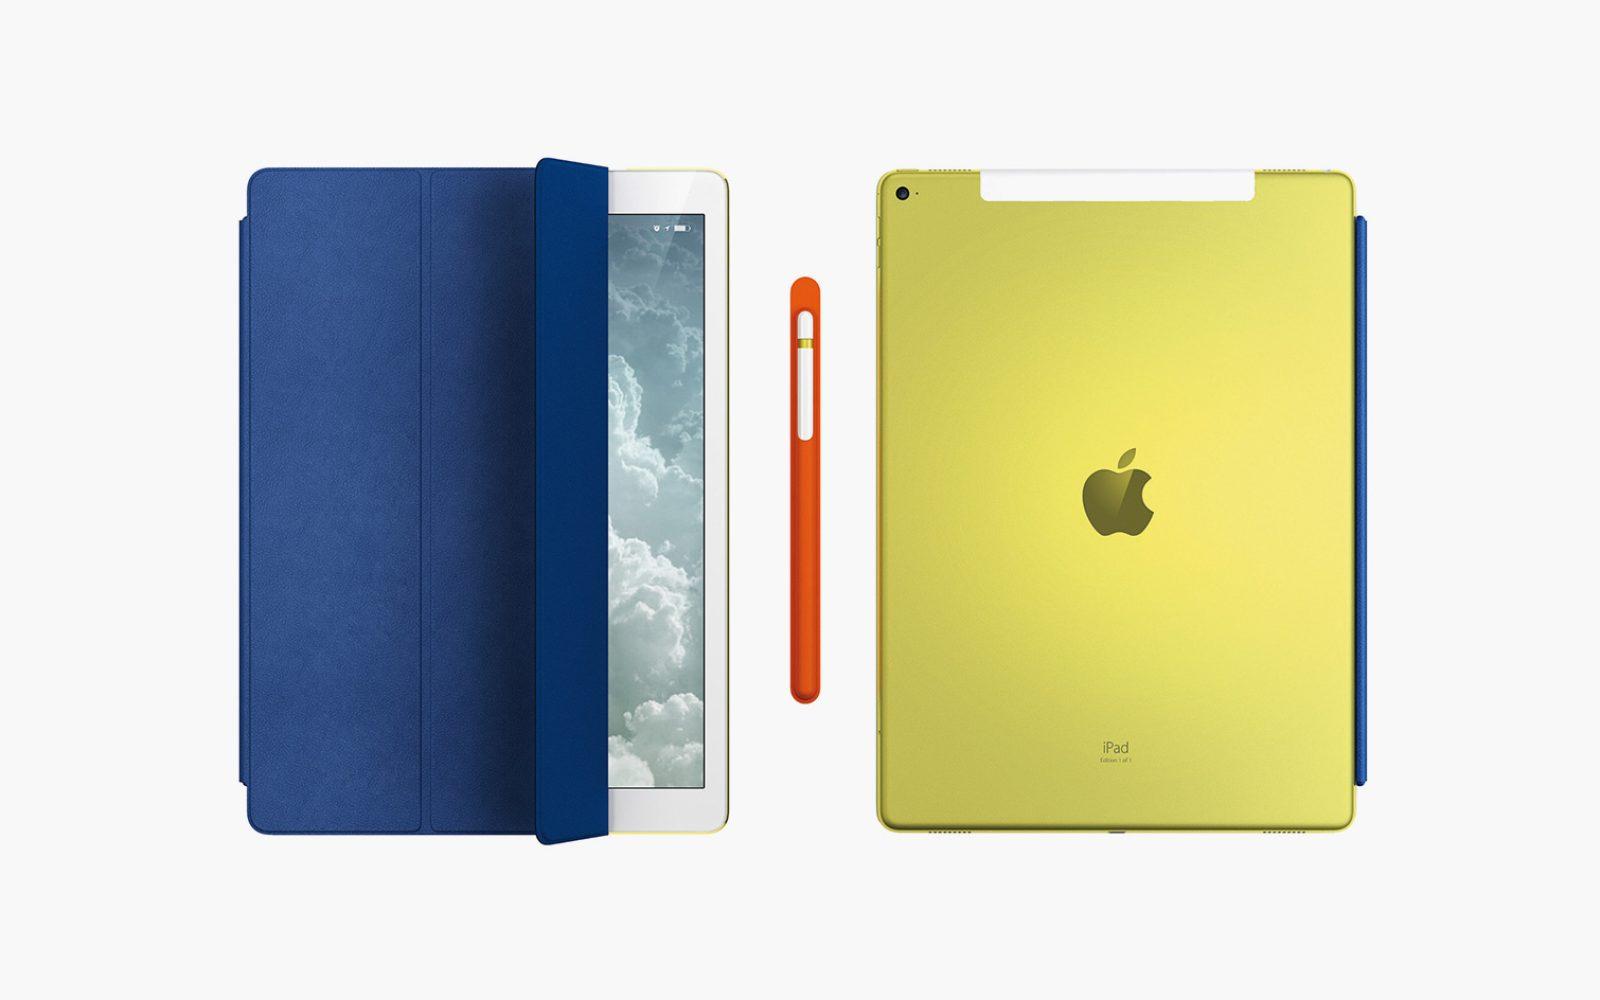 Jony Ive為蘋果推出的10款最具革命性的設計